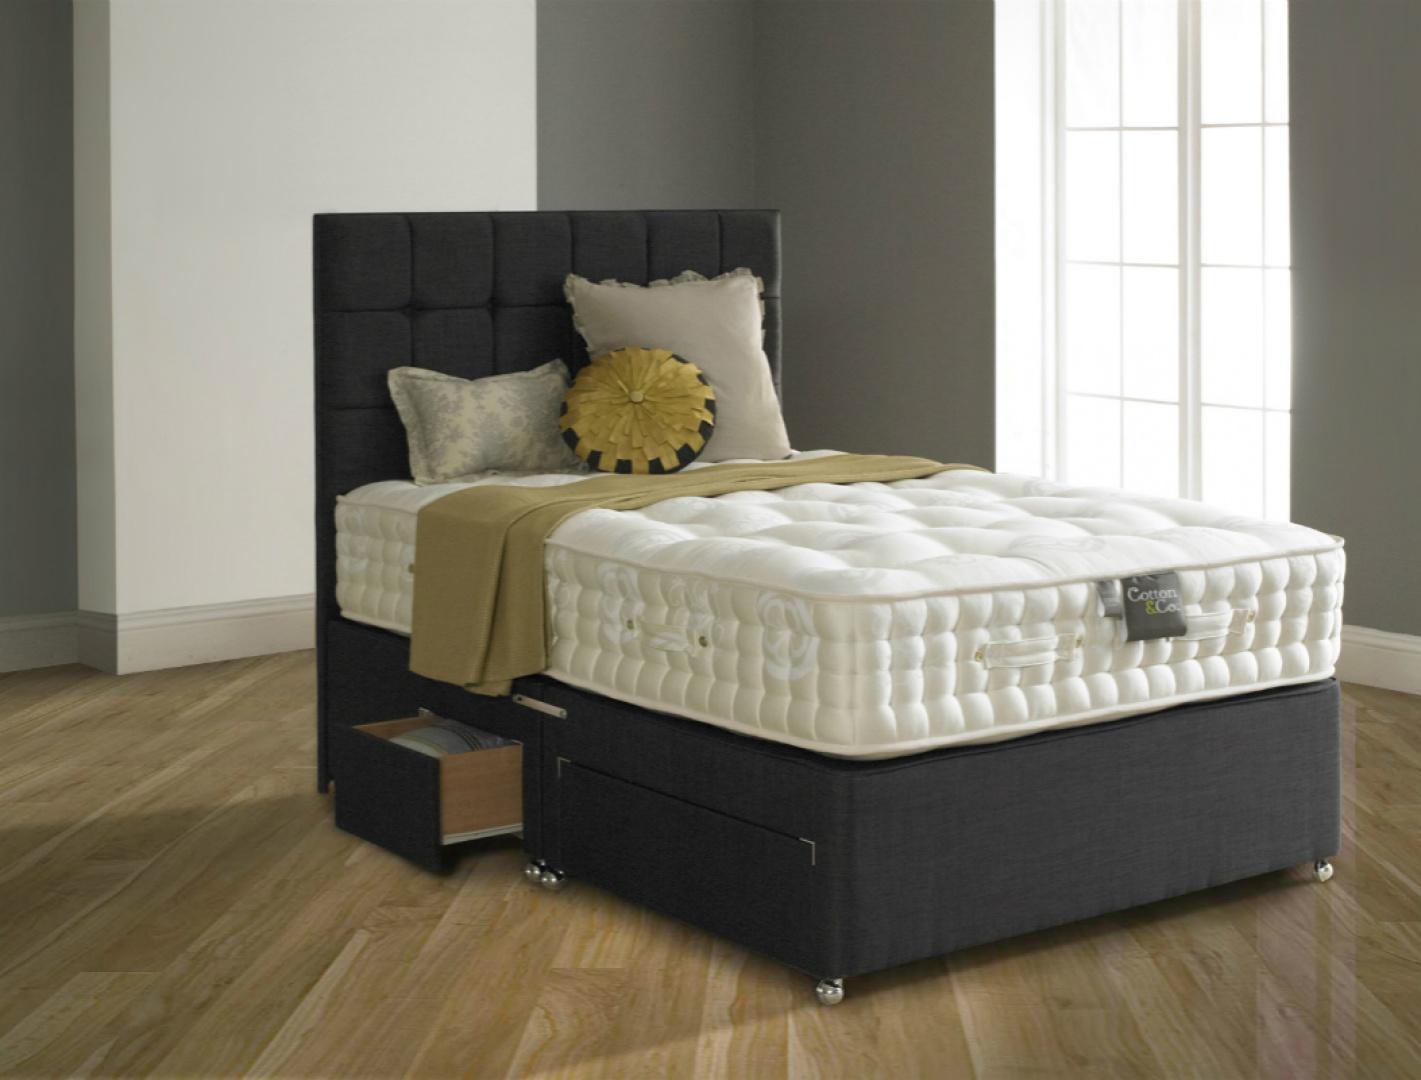 Łóżko powinno być przynajmniej o 10-15 cm dłuższe niż najwyższa osoba na nim śpiąca. Nie bez znaczenia jest także jego wysokość. Najwygodniejsze dla osób dorosłych są takie, które mają około 60 cm wysokości, licząc podstawę wraz z materacem. Fot. Cotton&co.